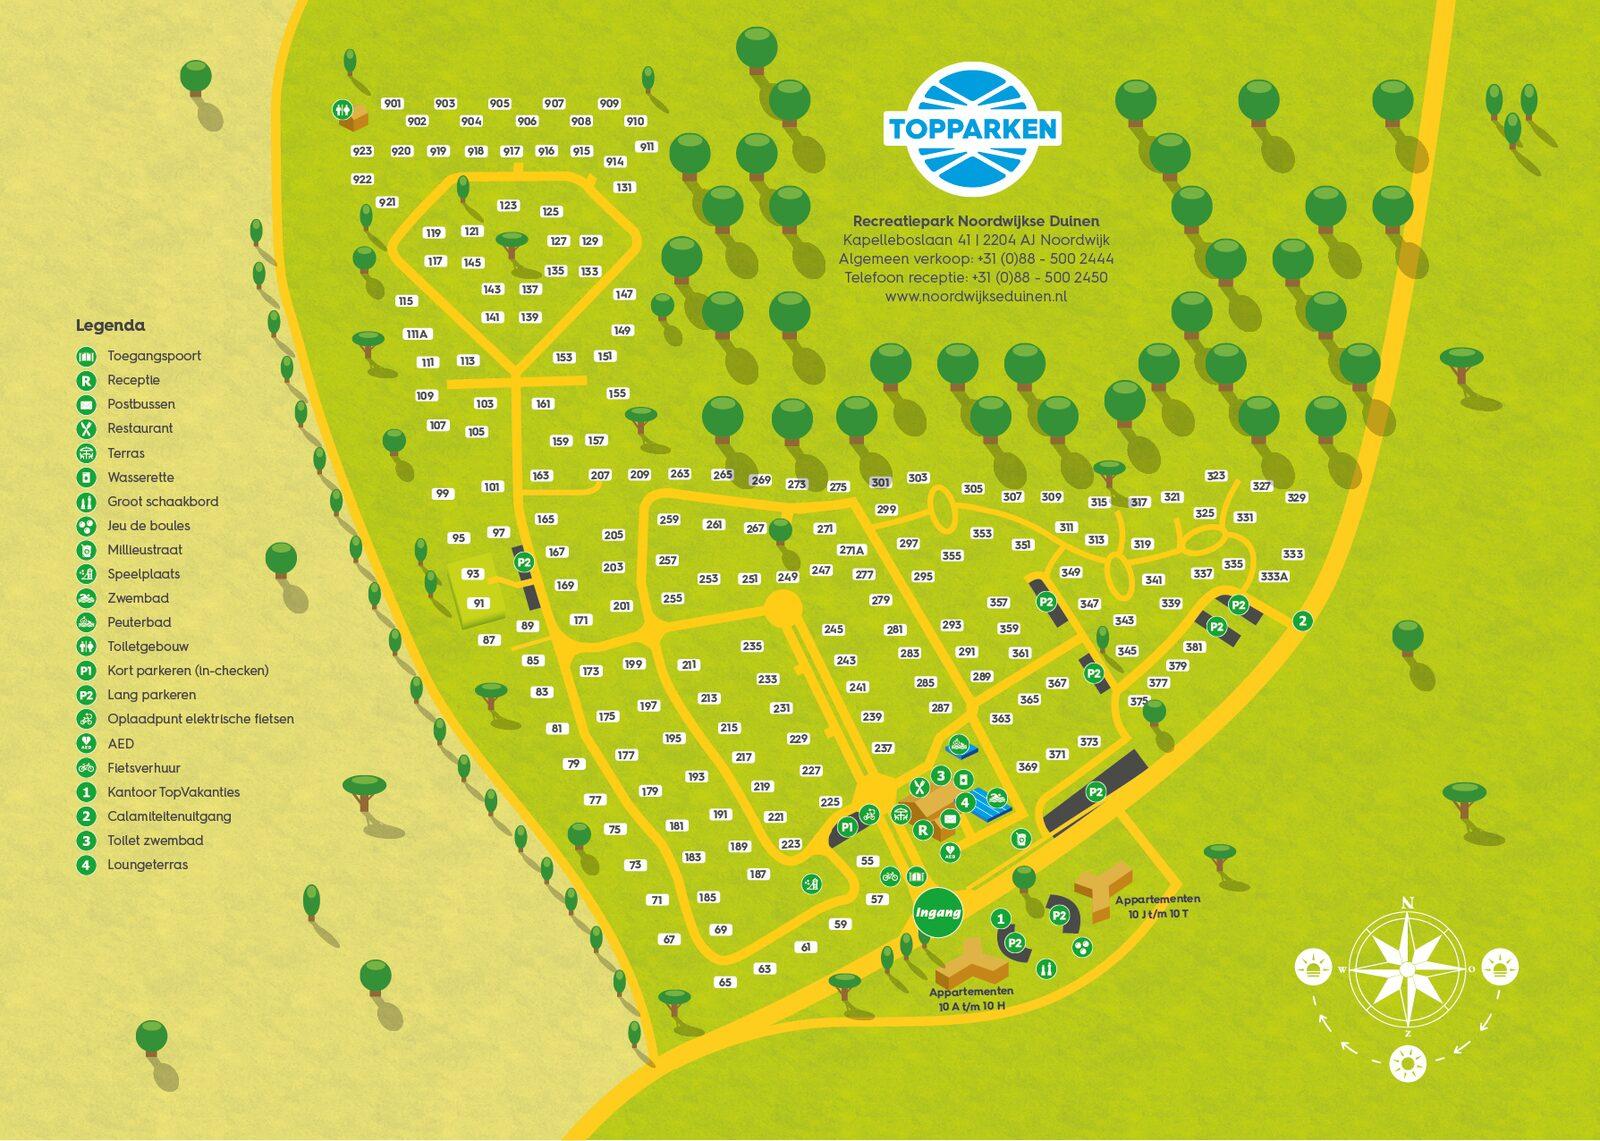 Parkplattegrond Recreatiepark Noordwijkse Duinen